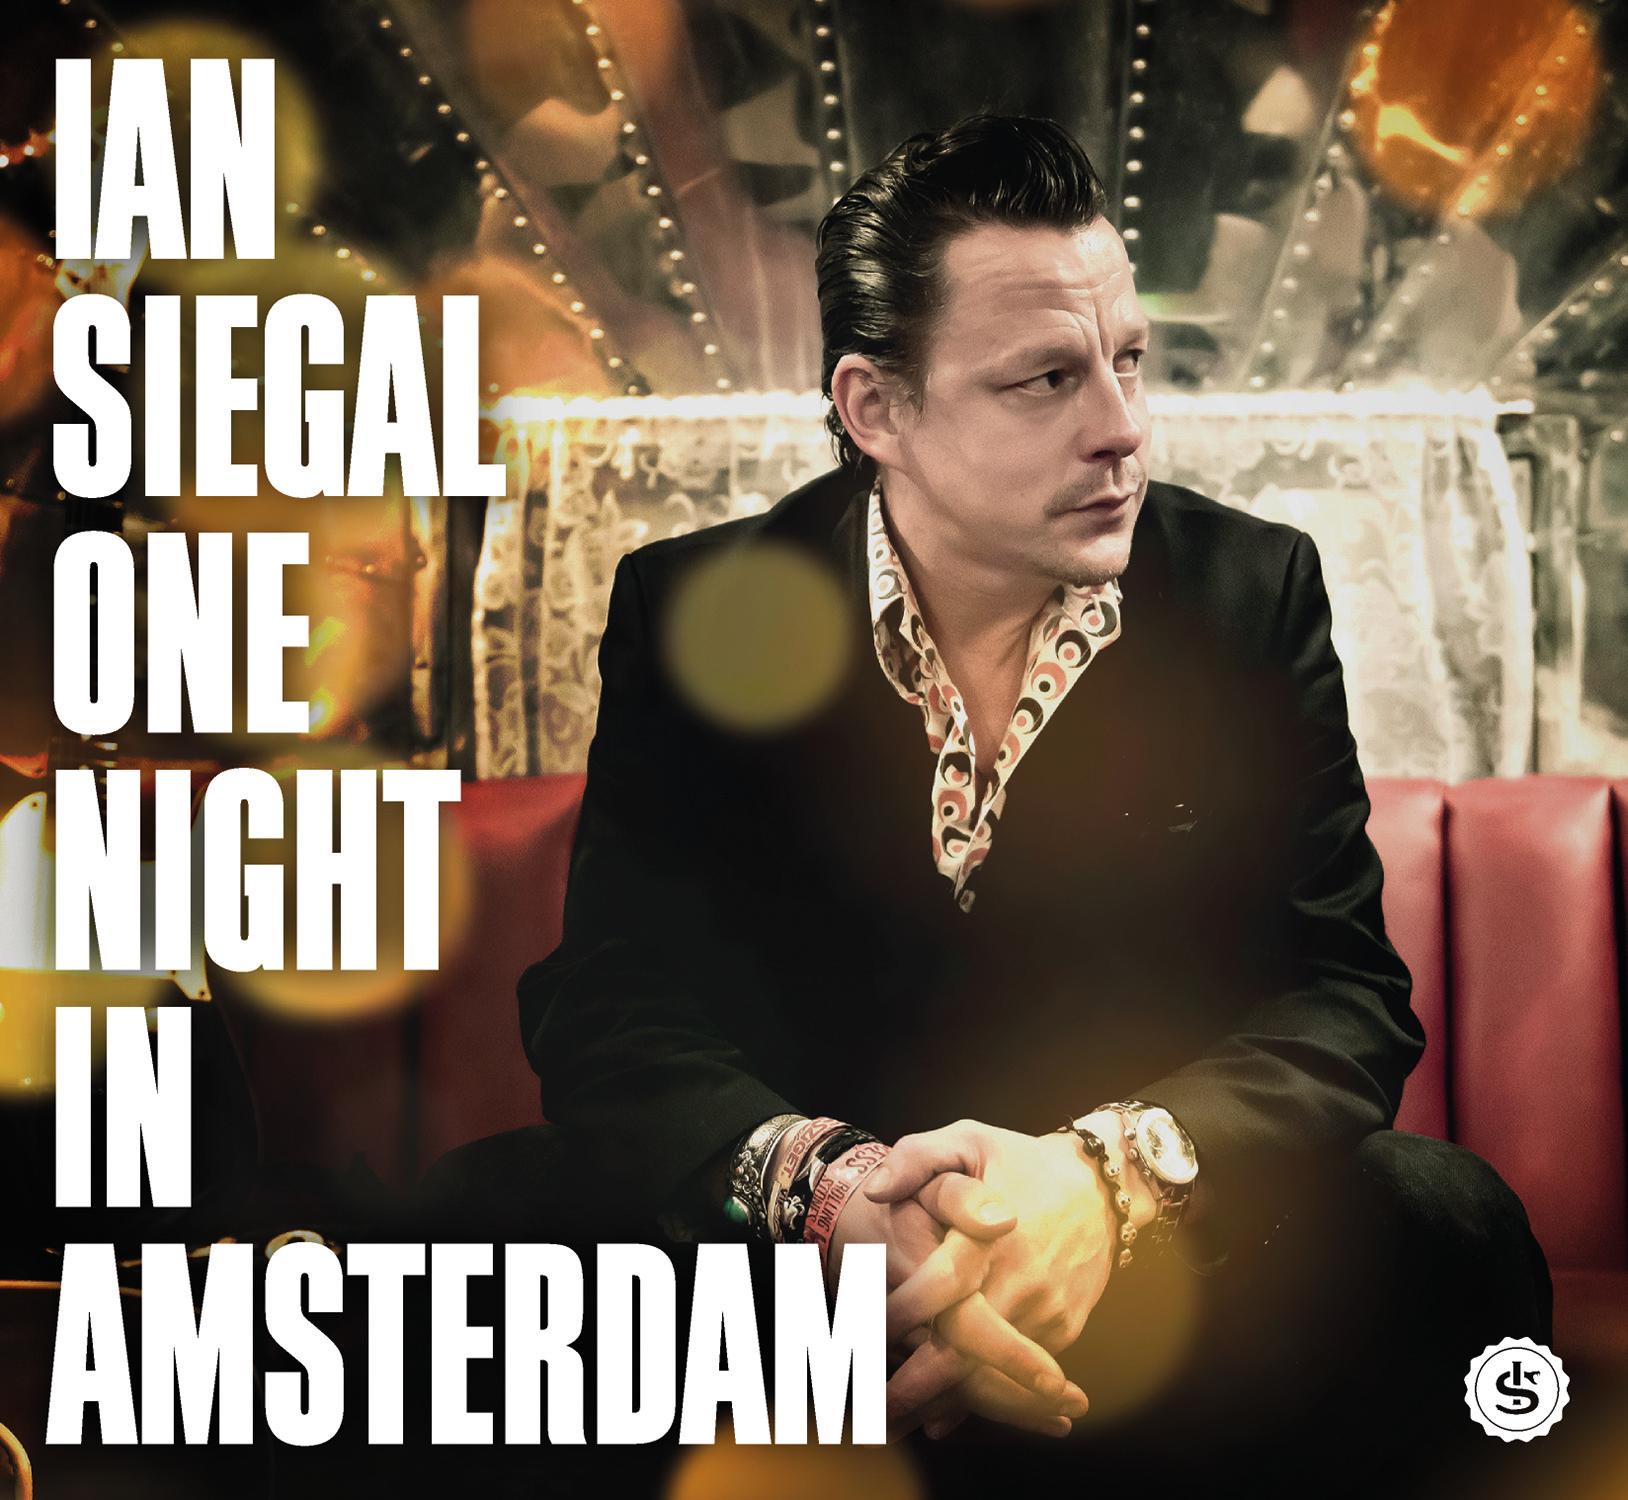 Het concert promootte het nieuwe live-album dat opgenomen werd in Amsterdam.